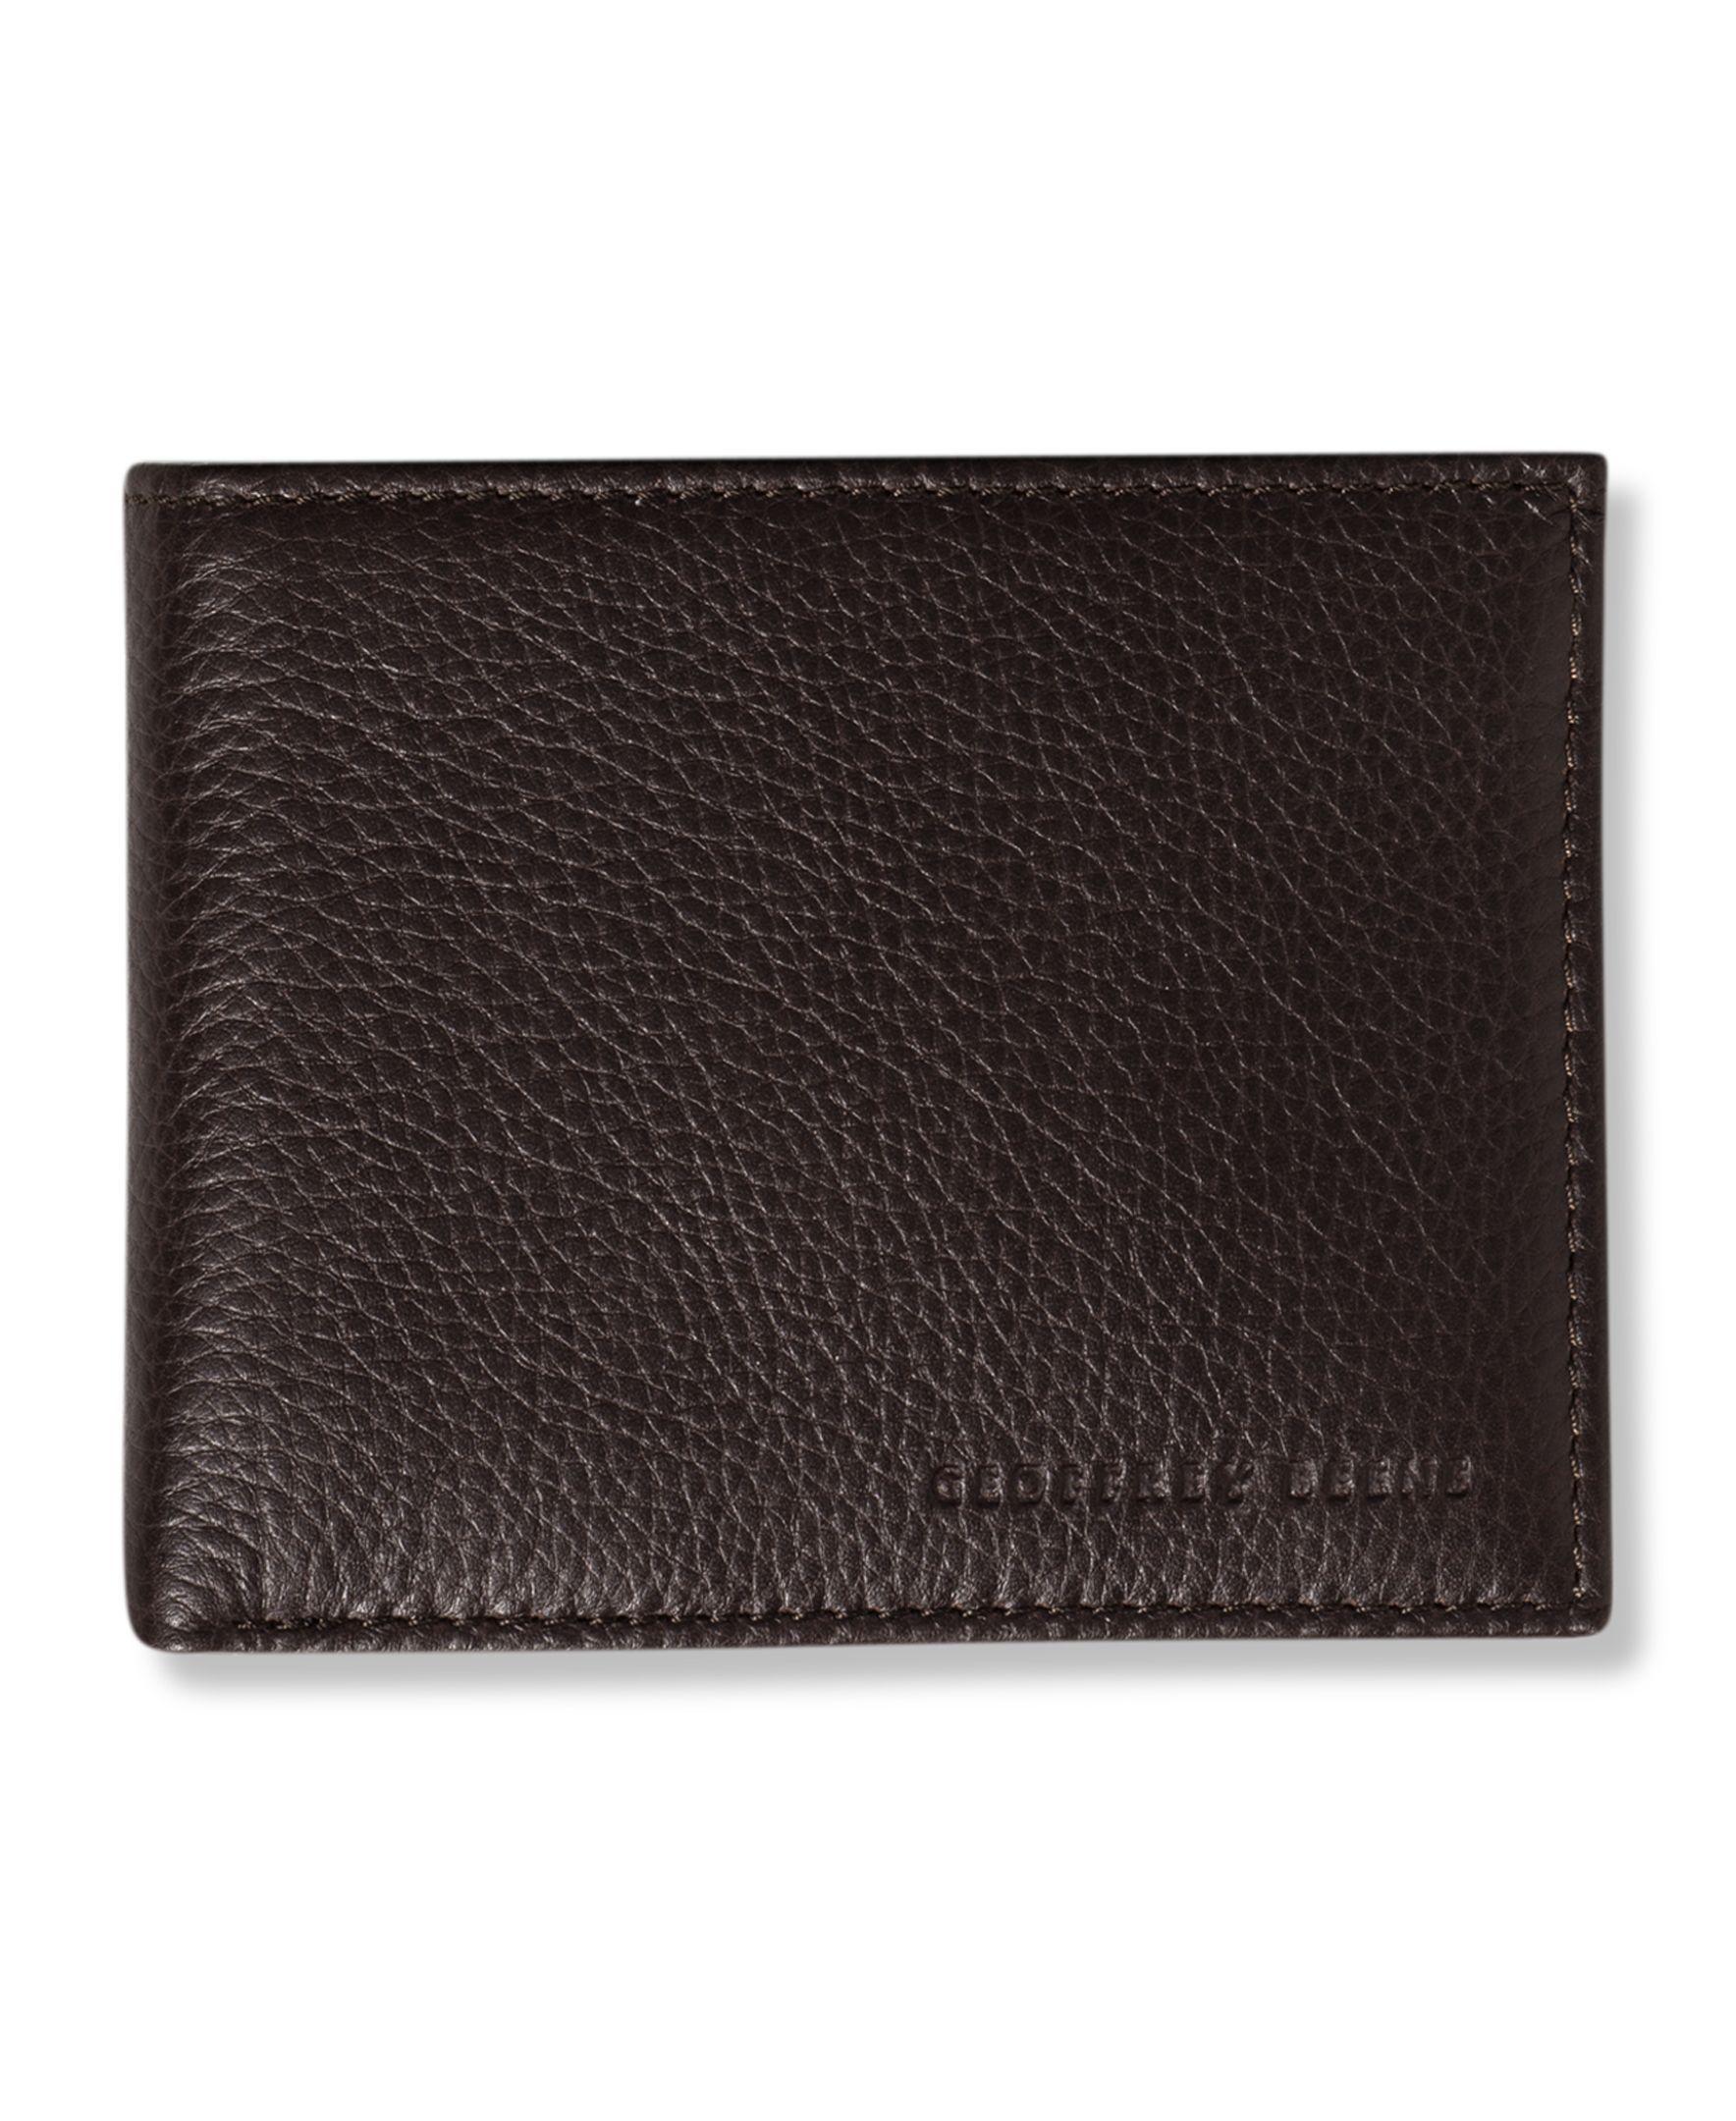 Geoffrey Beene Hamilton Bifold Wallet